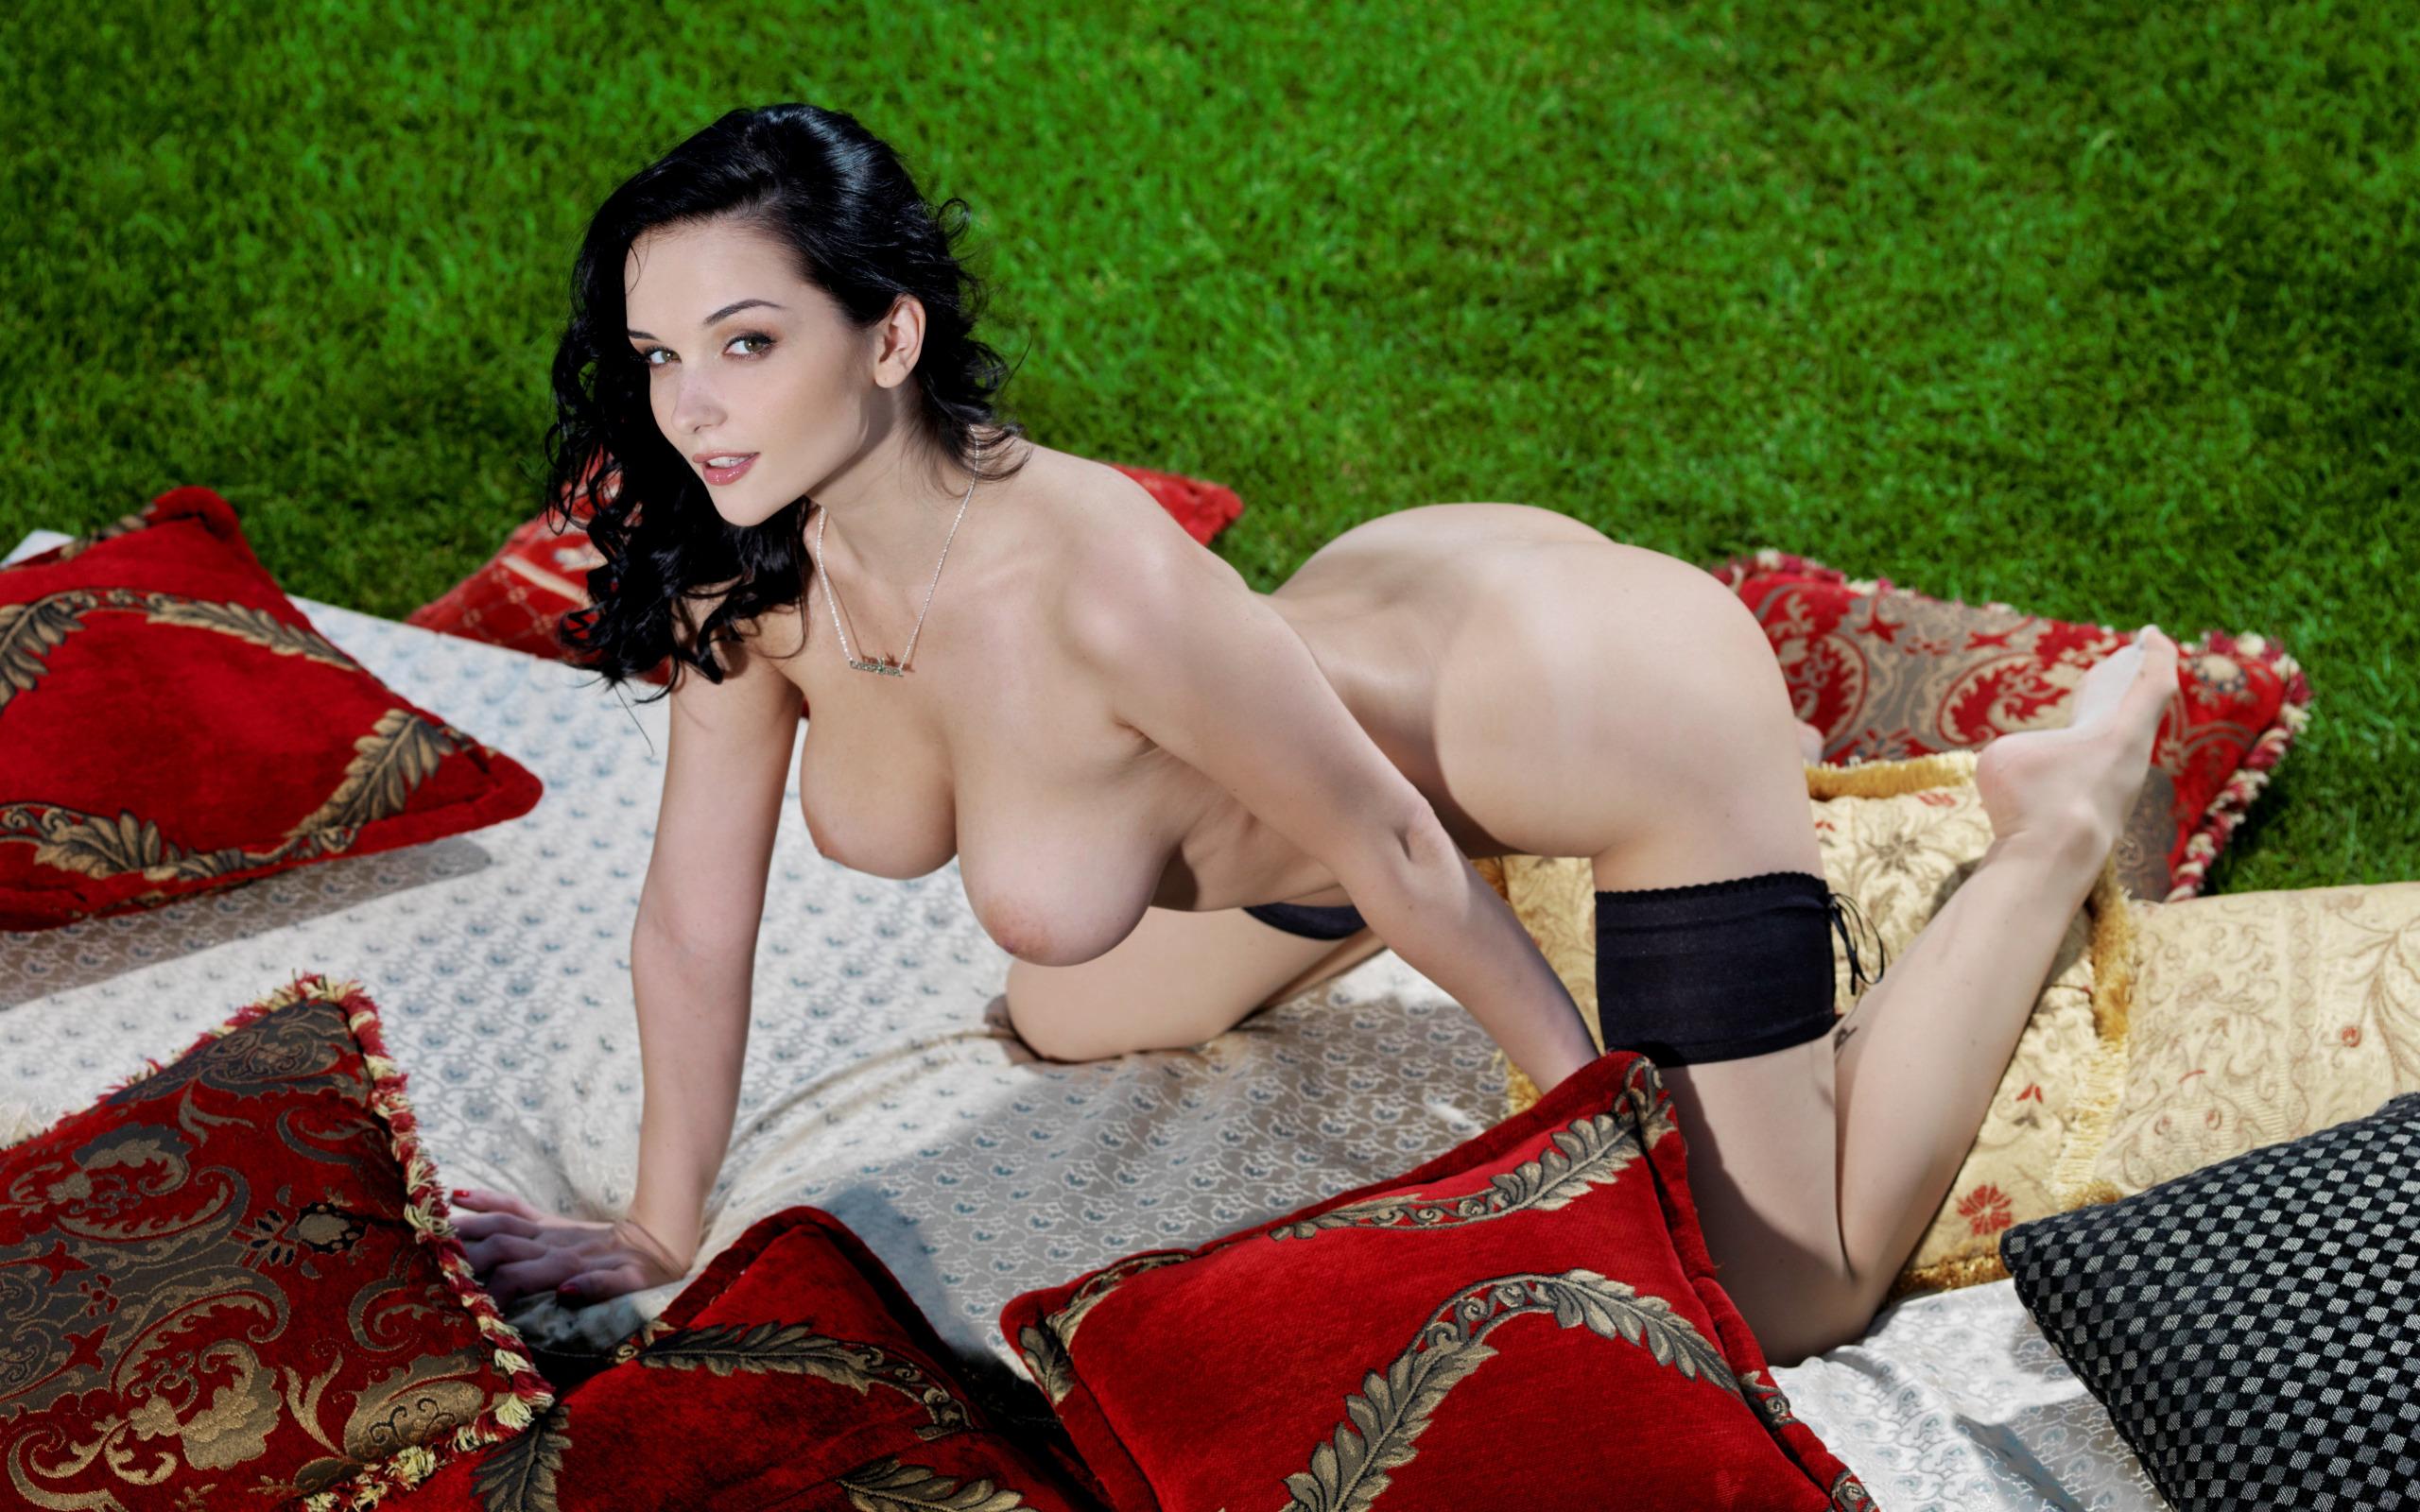 eugenia-model-nude-porn